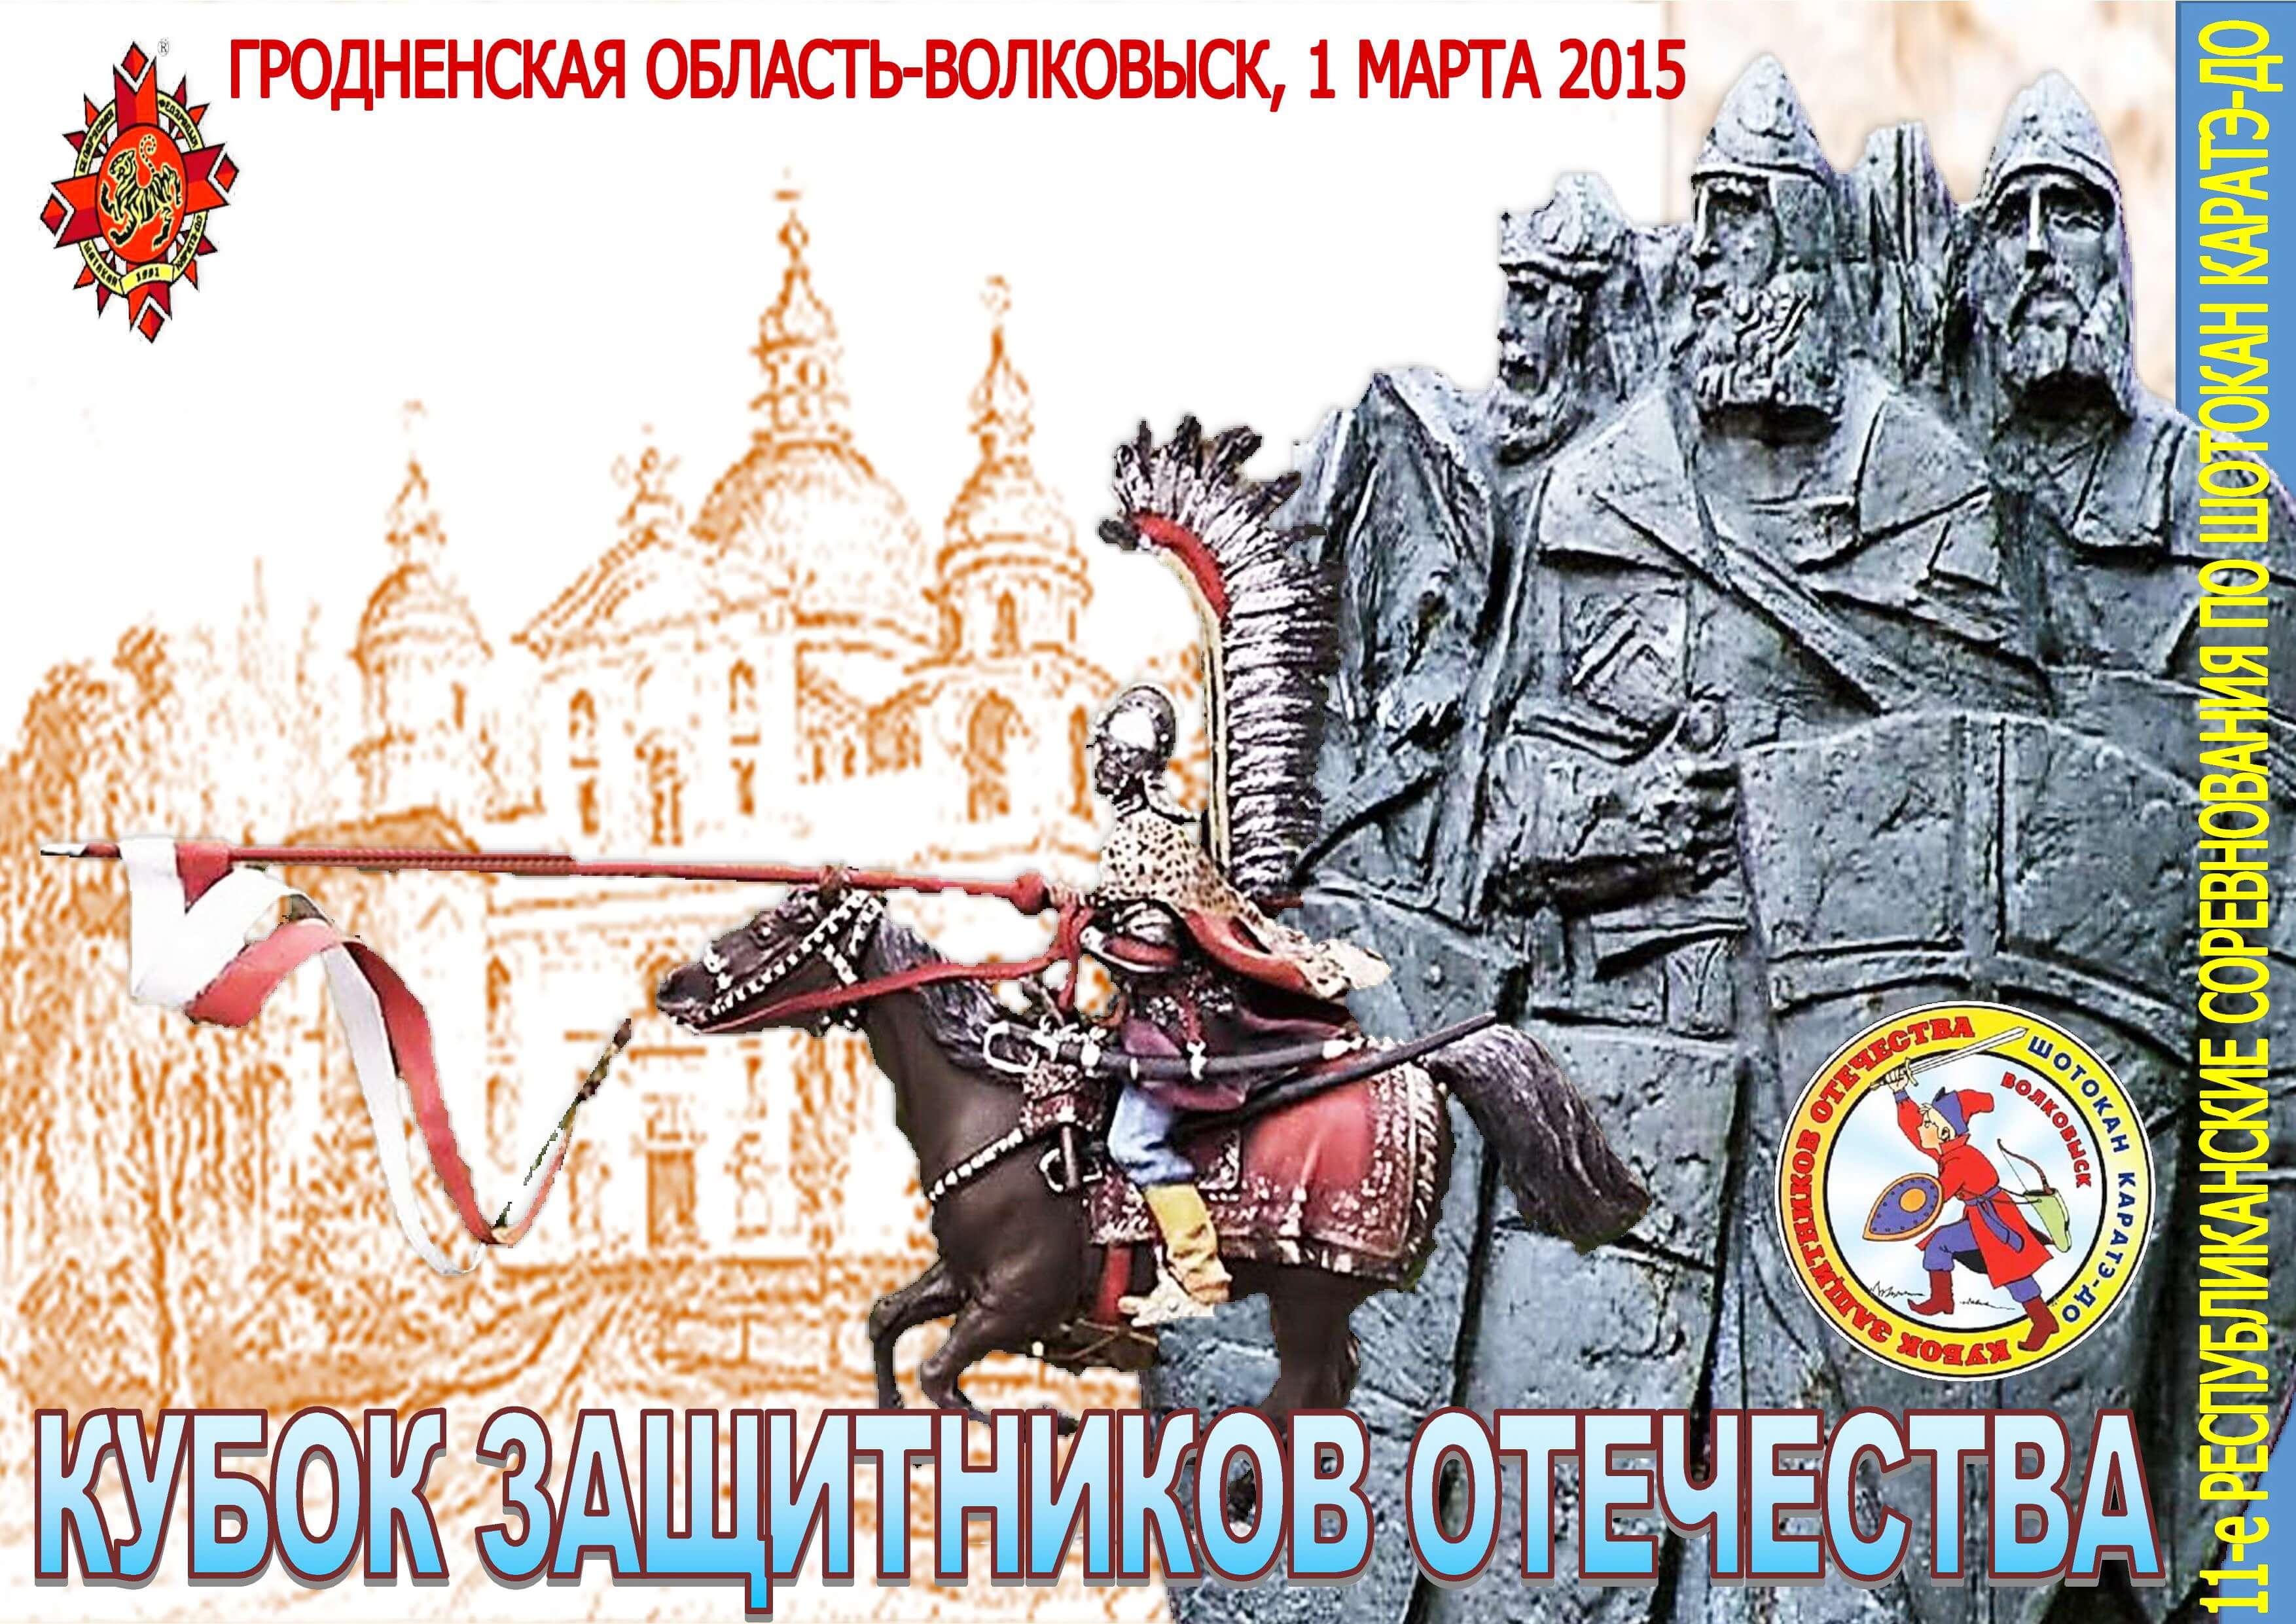 Волковыск-2015 Постер